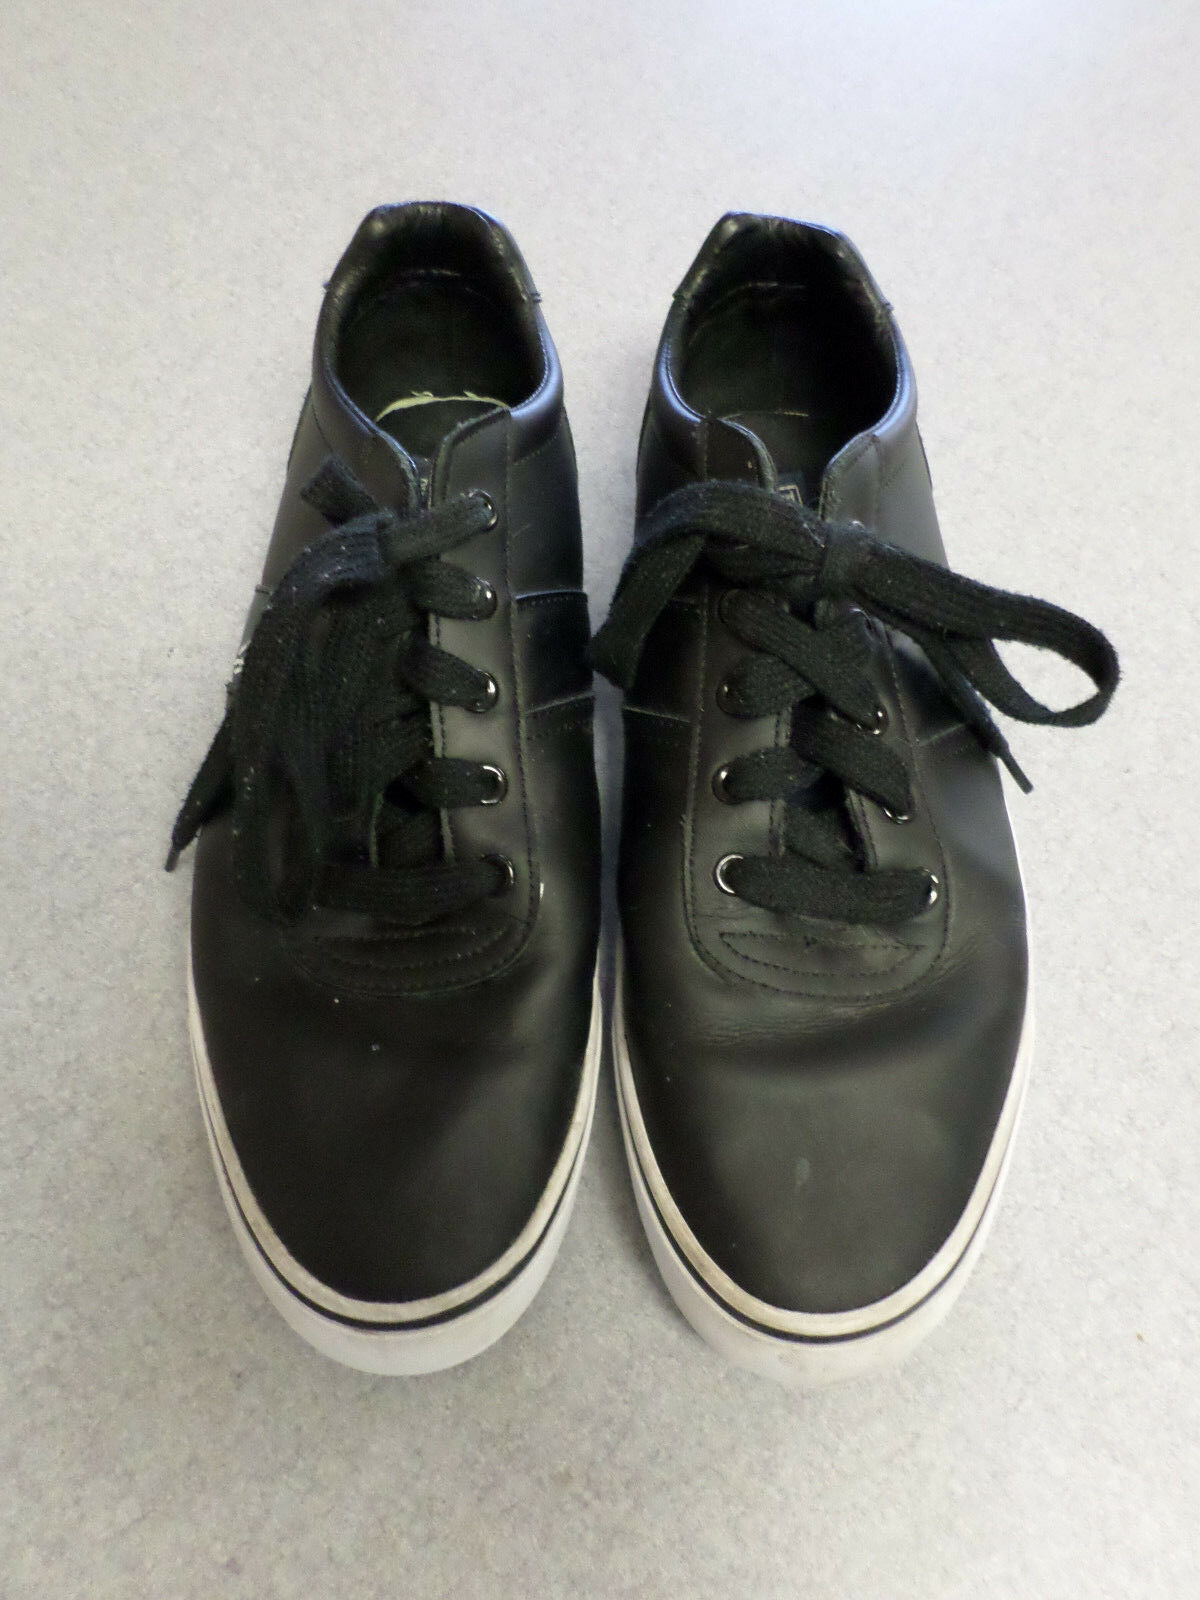 Ralph Lauren Polo black leather tennis shoes Men's 11 D